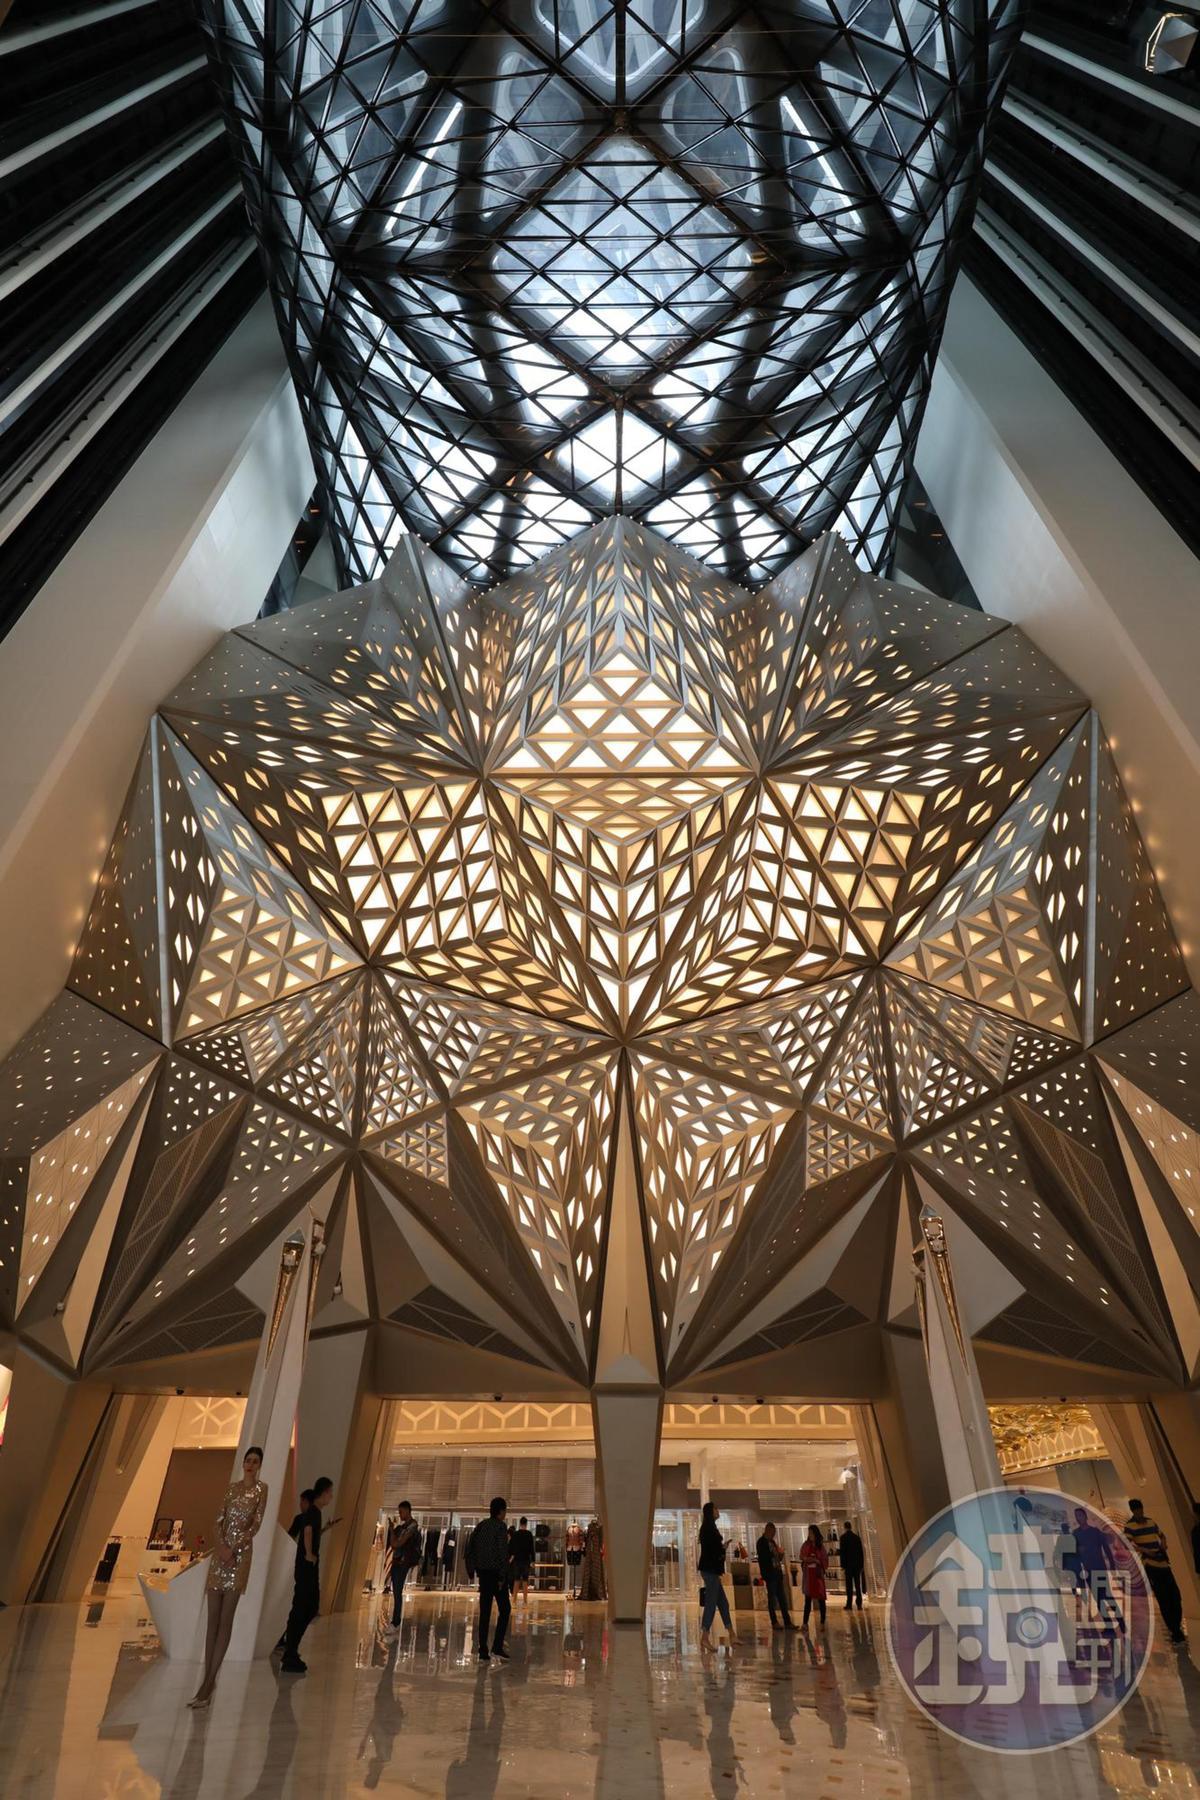 建築師札哈‧哈蒂(Zaha Hadid)女爵士讓人震撼的Free Style,在摩珀斯酒店裡華麗呈現,讓人看得目不暇給。